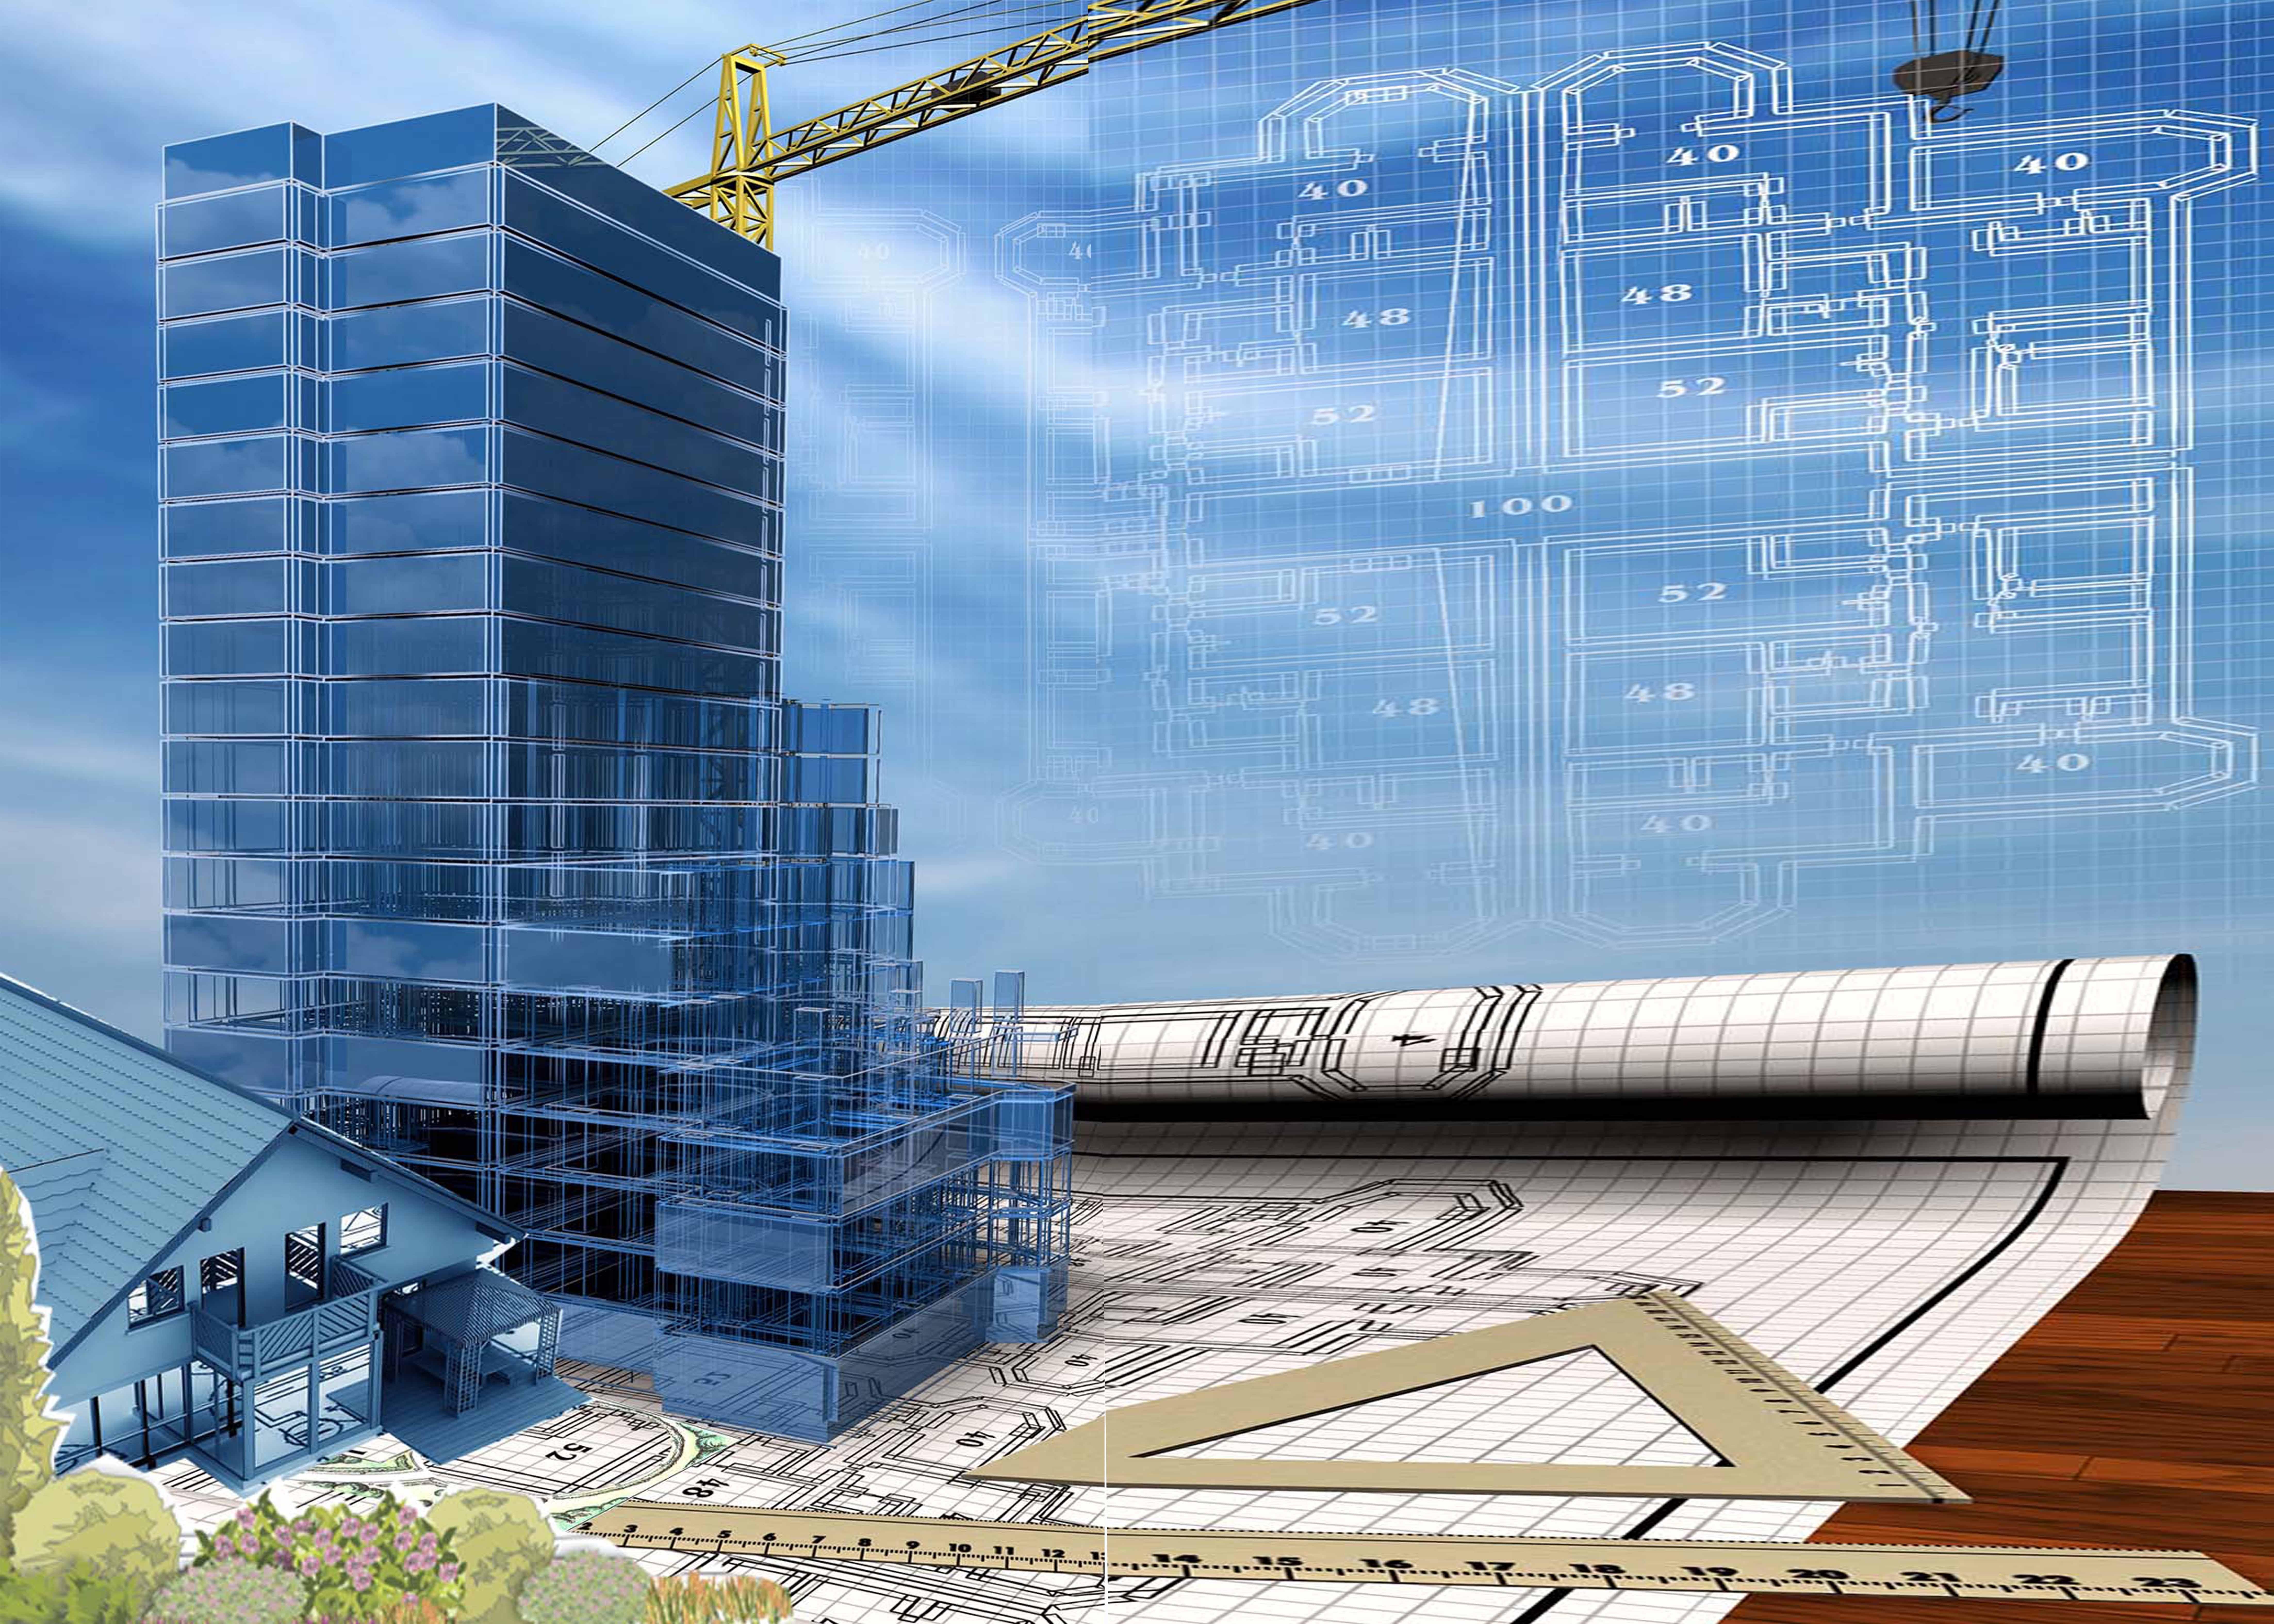 Разработка проектно-сметной документации для объектов любой сложности и назначения. Техничекий и авторский надзор.